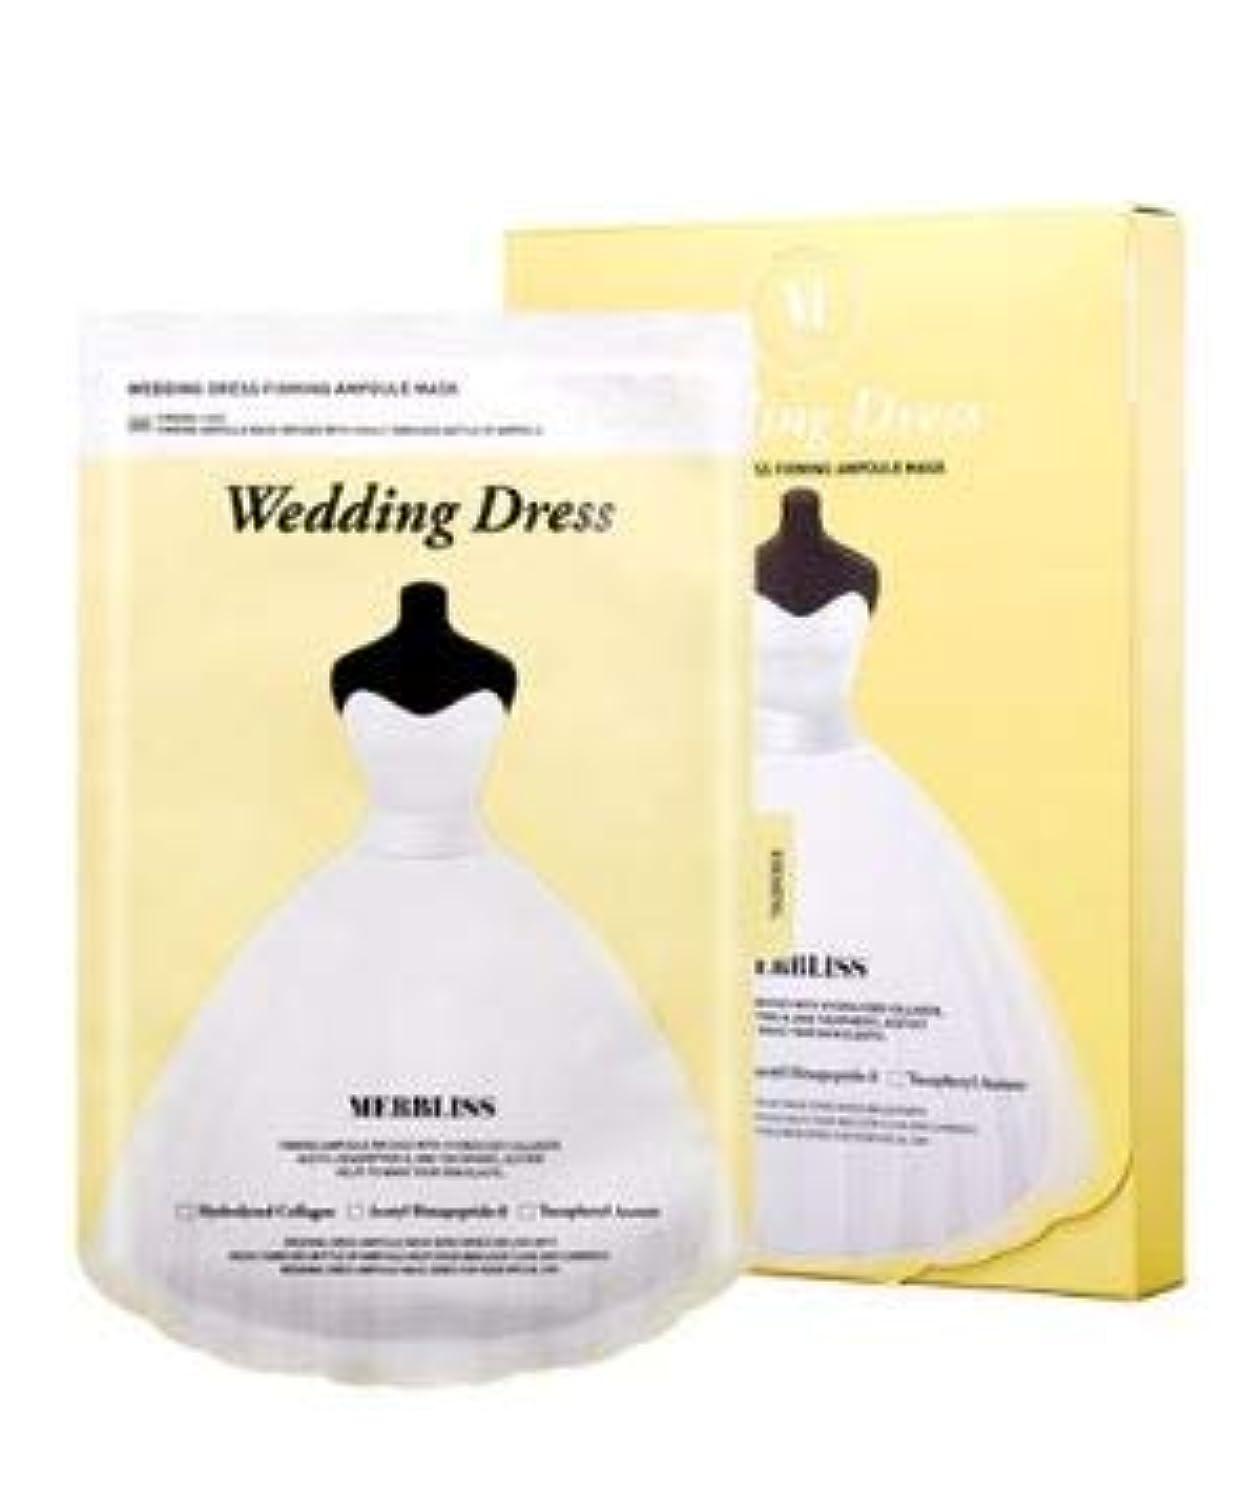 ワット副時間[Merbliss] Wedding Dress Firming Ampoule Mask 25gx5ea /ウェディングドレスファーミングアンプルマスク25gx5枚 [並行輸入品]